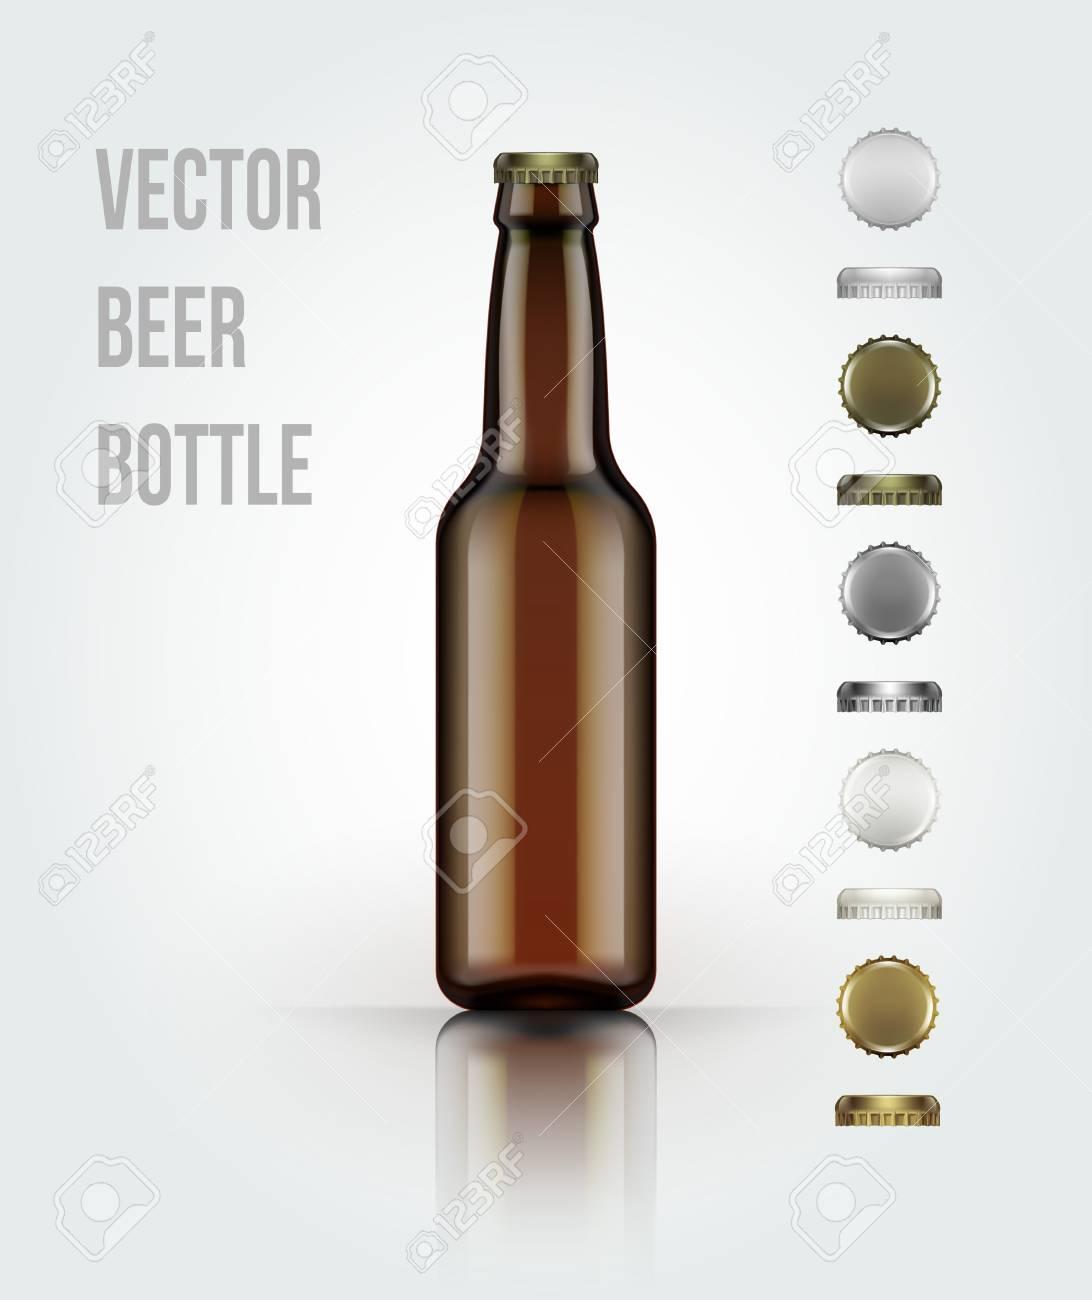 bouteille de bière en verre vierge pour un nouveau design. illustration  vectorisée eps 10